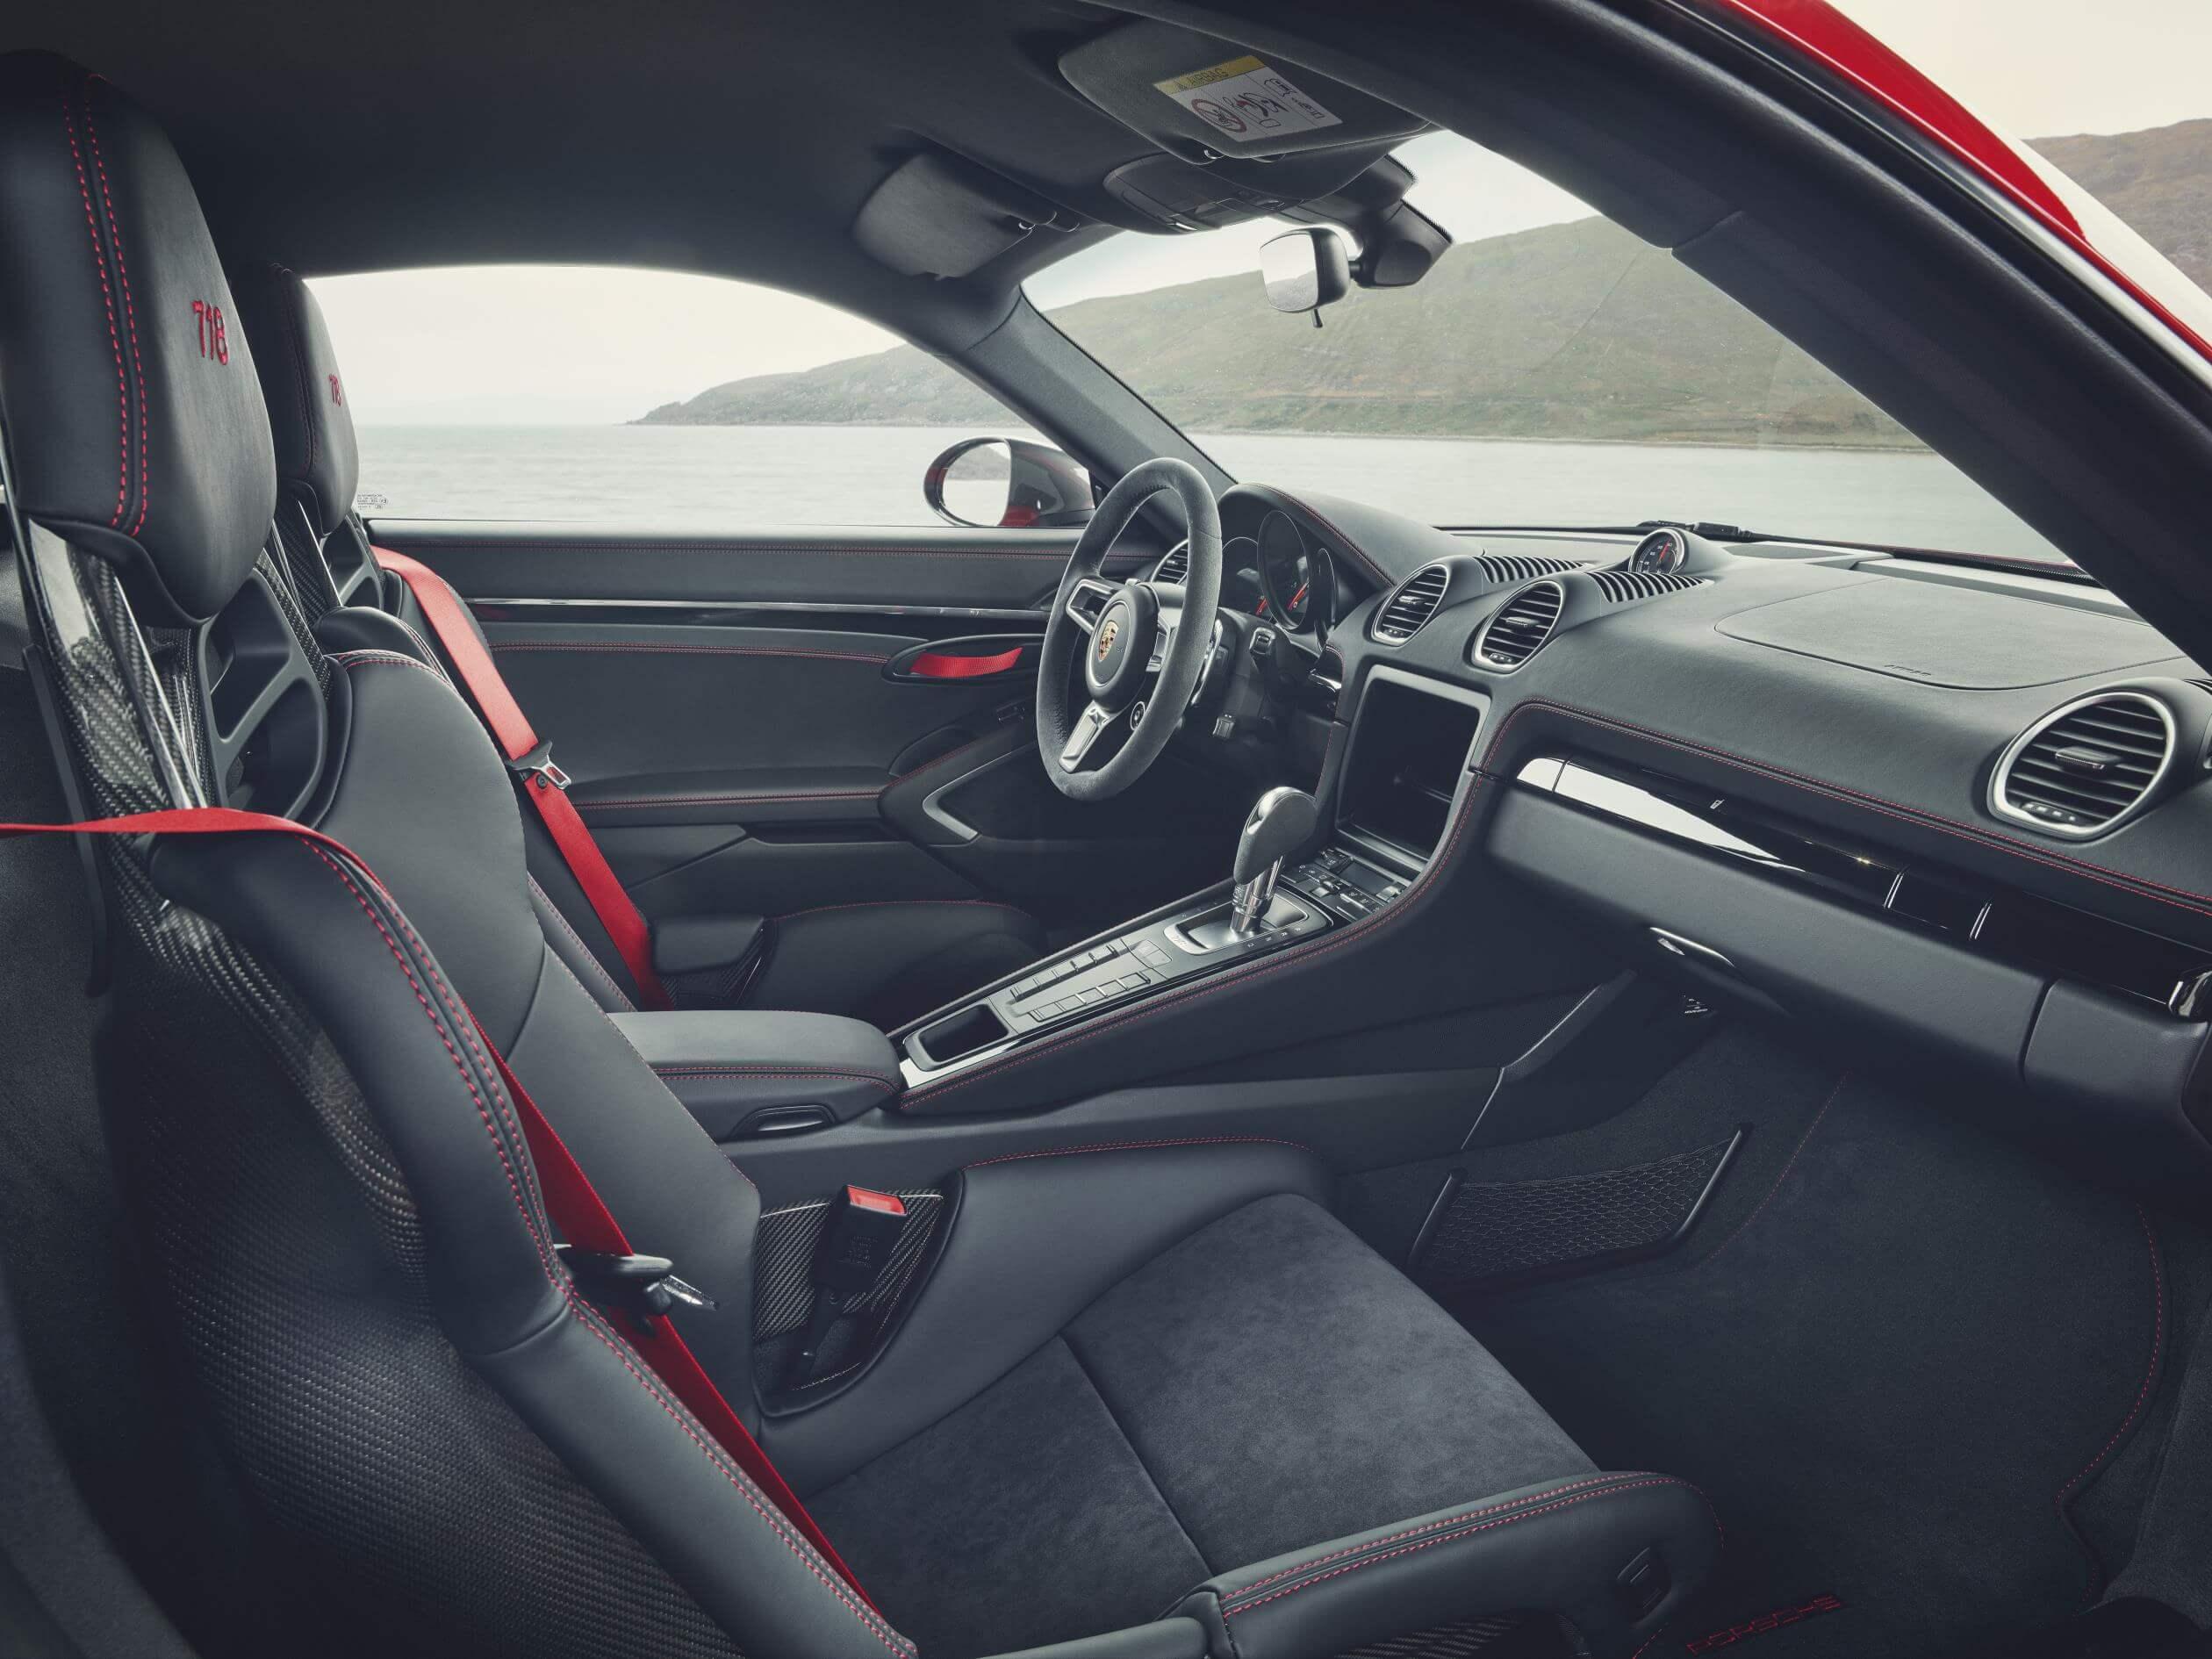 Porsche 718 T: interior